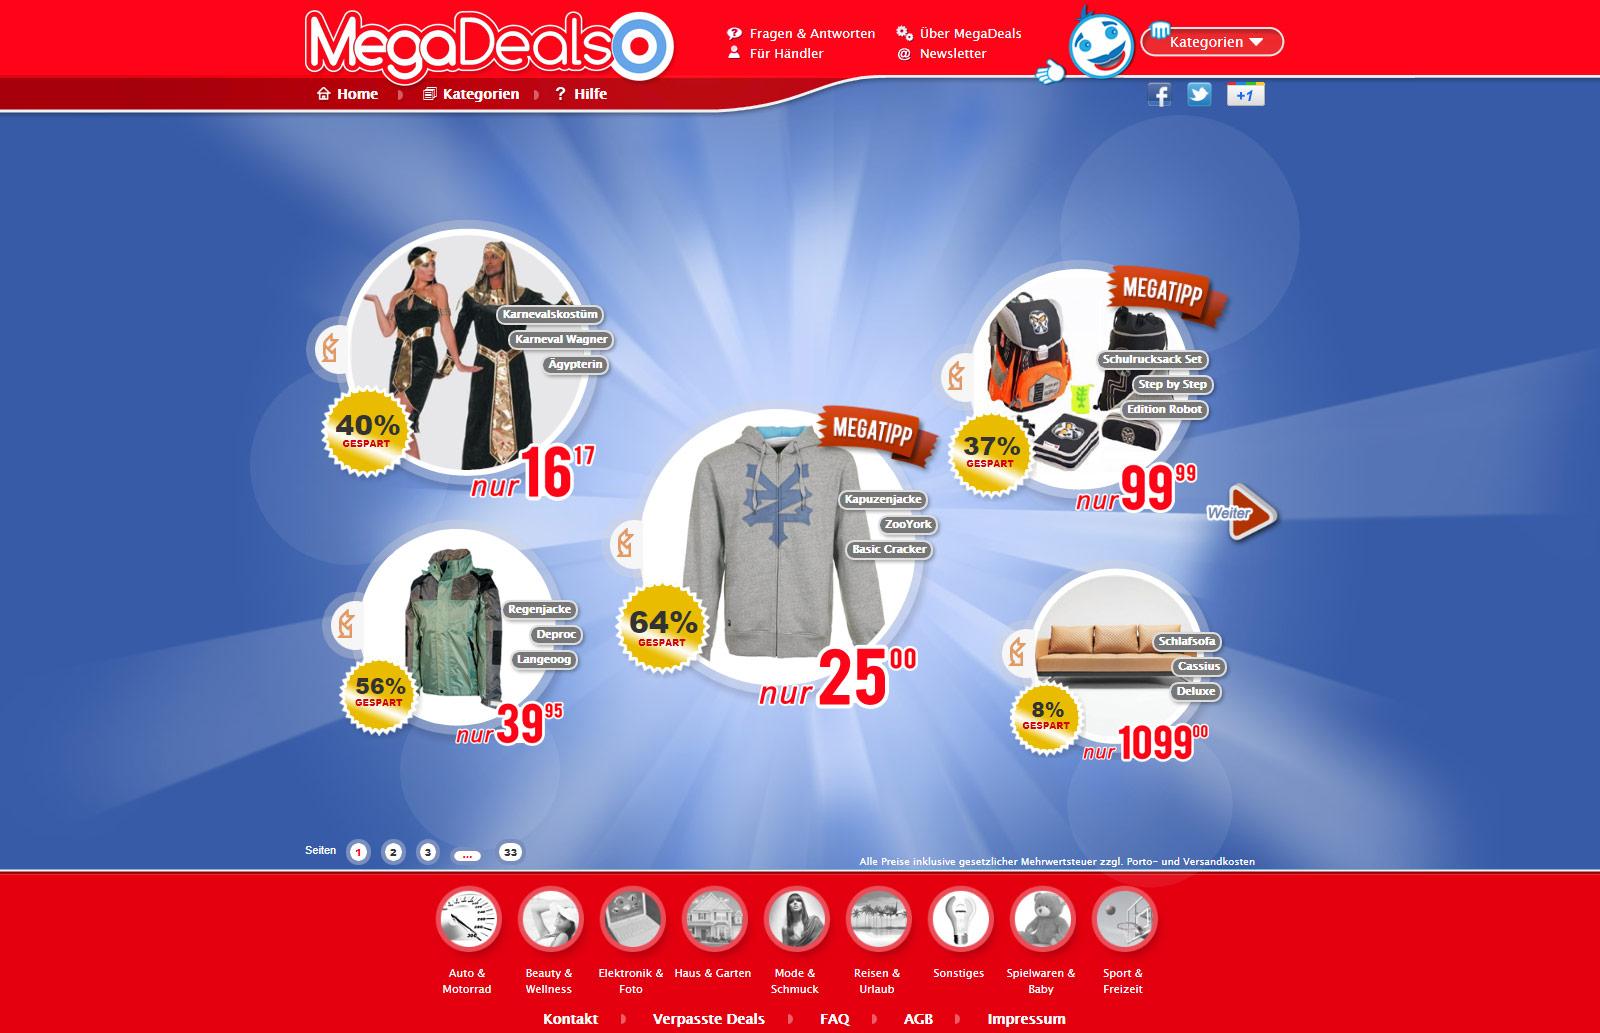 MegaDeals - Aussen gut. Innen besser